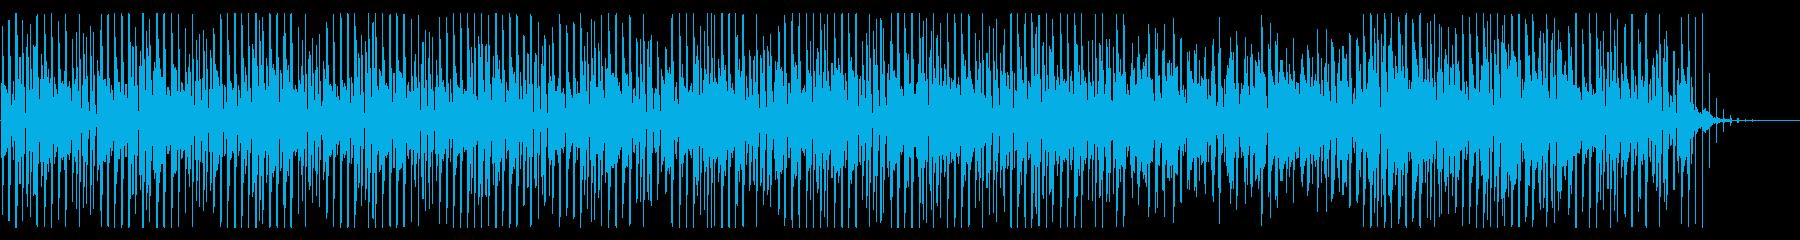 ふわふわでかわいいアコースティックBGMの再生済みの波形